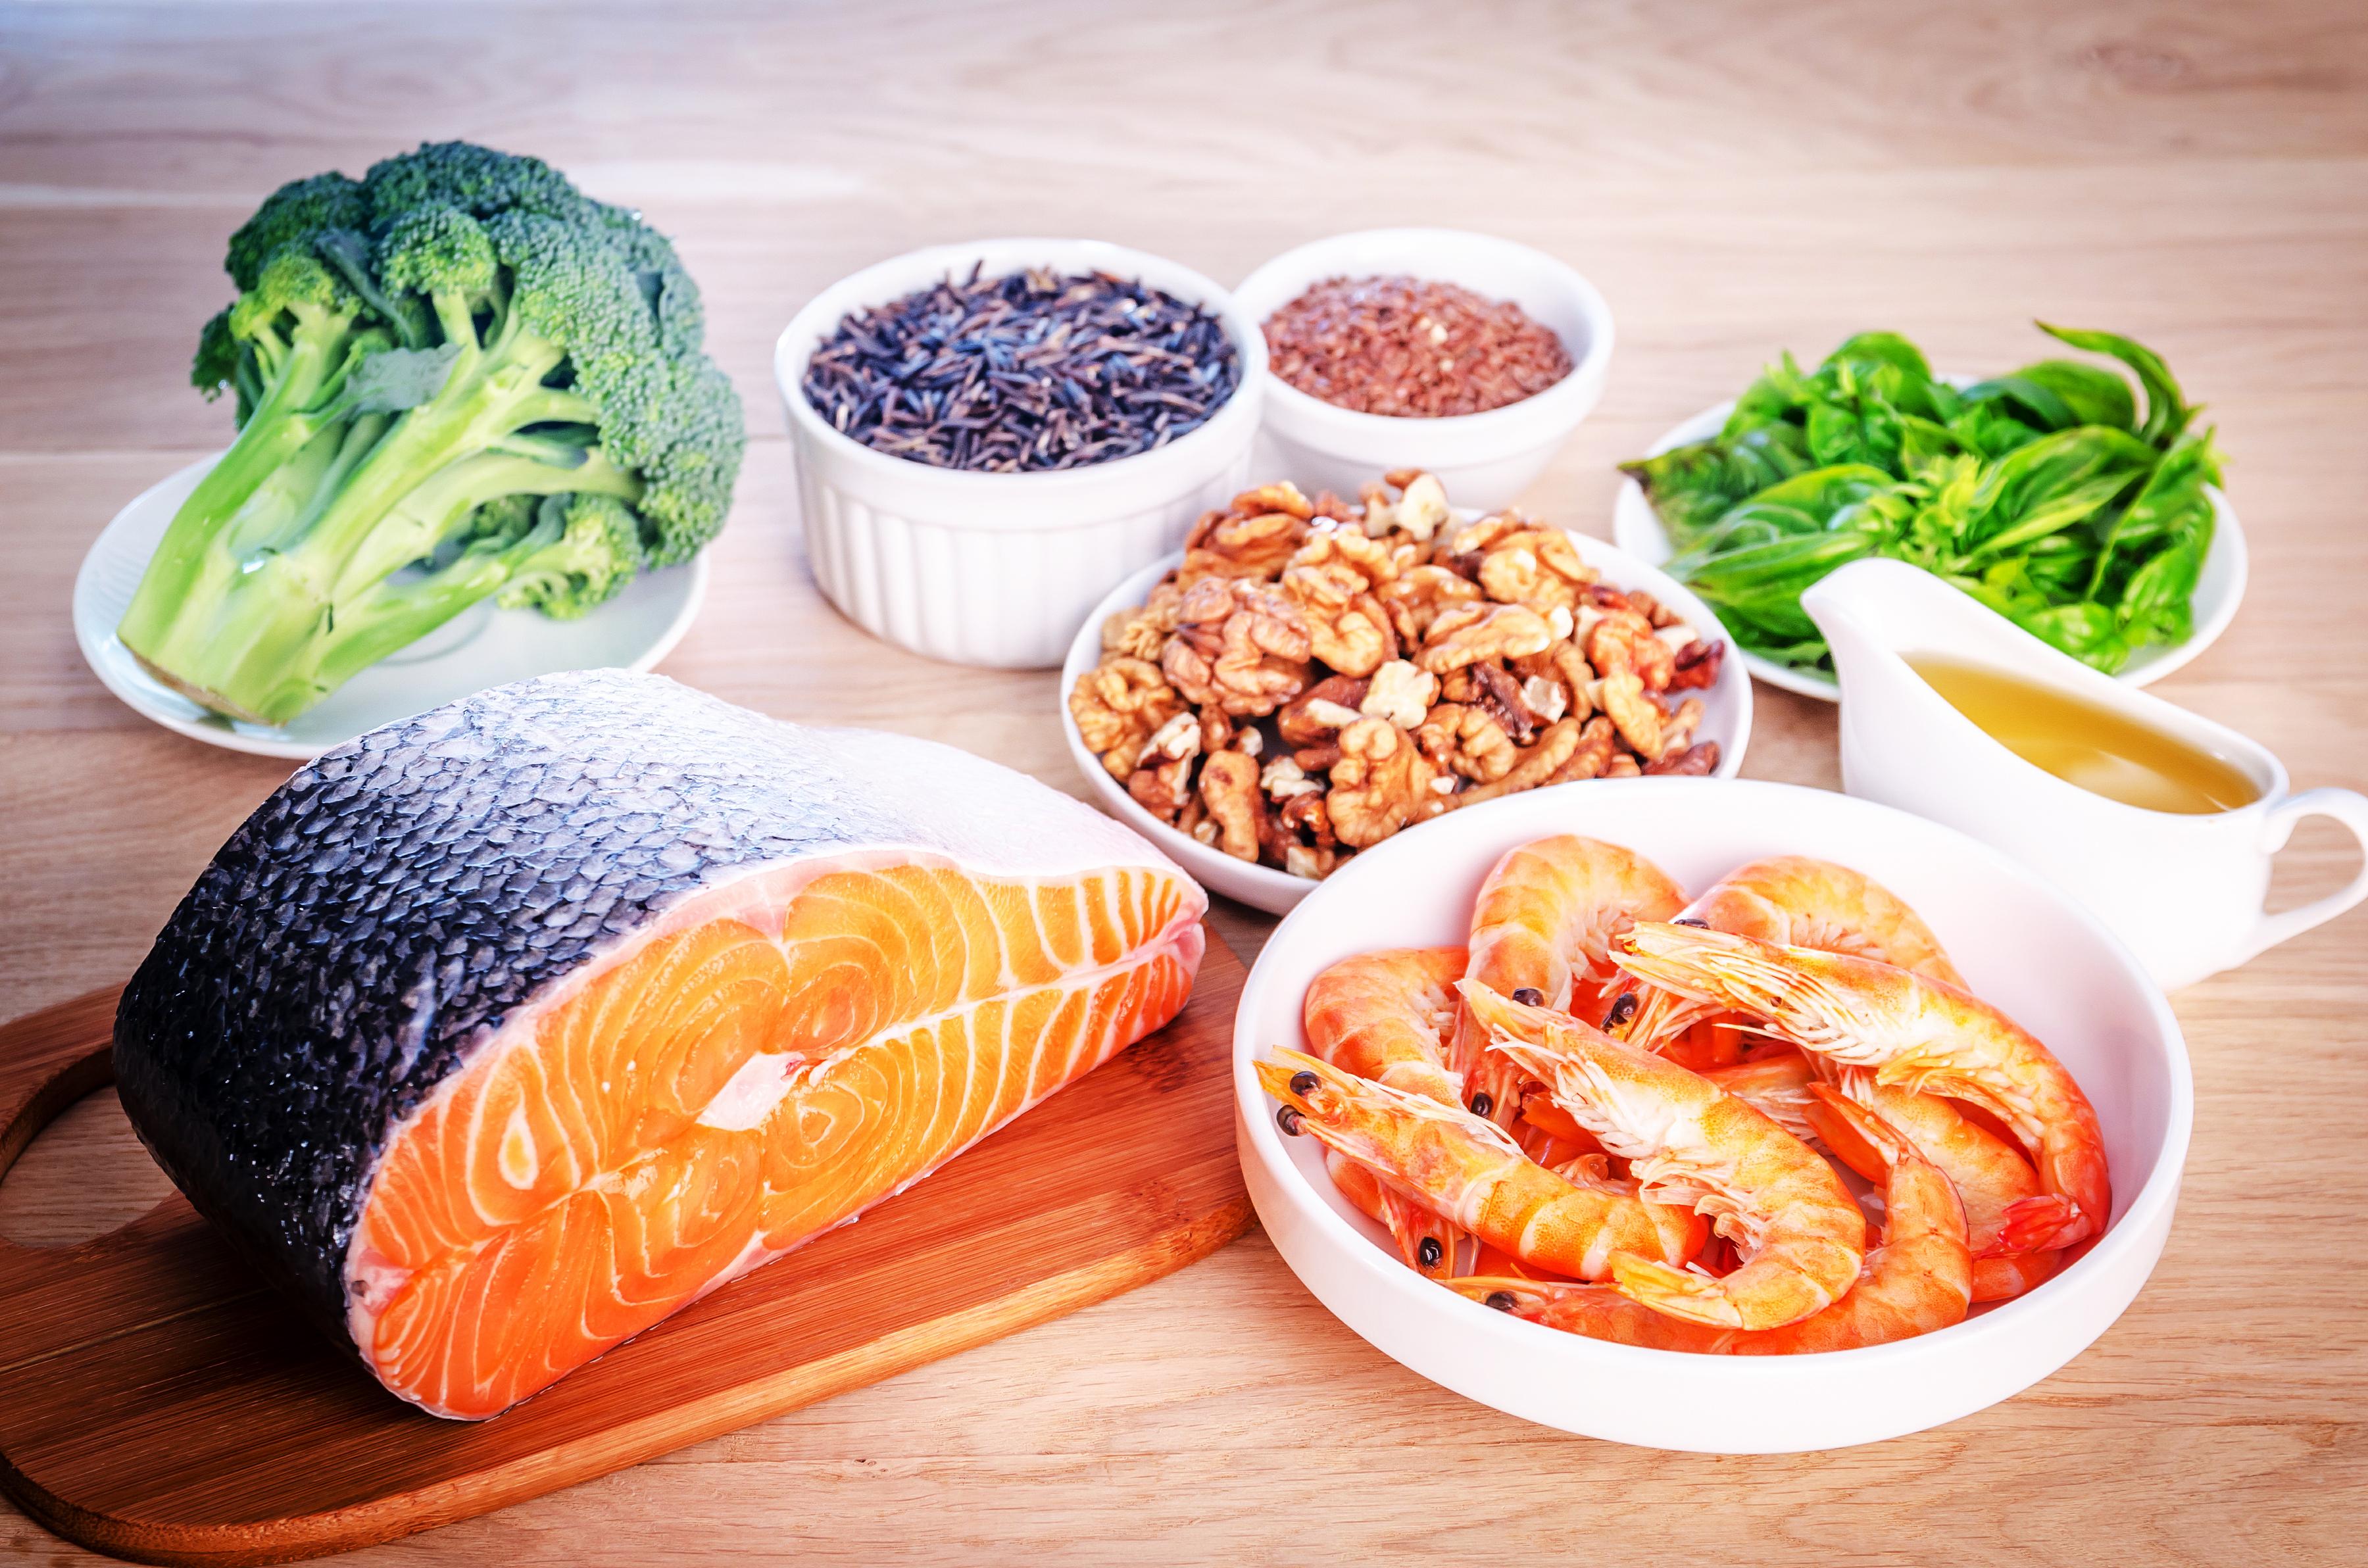 Bệnh nhược cơ nên ăn gì? 1